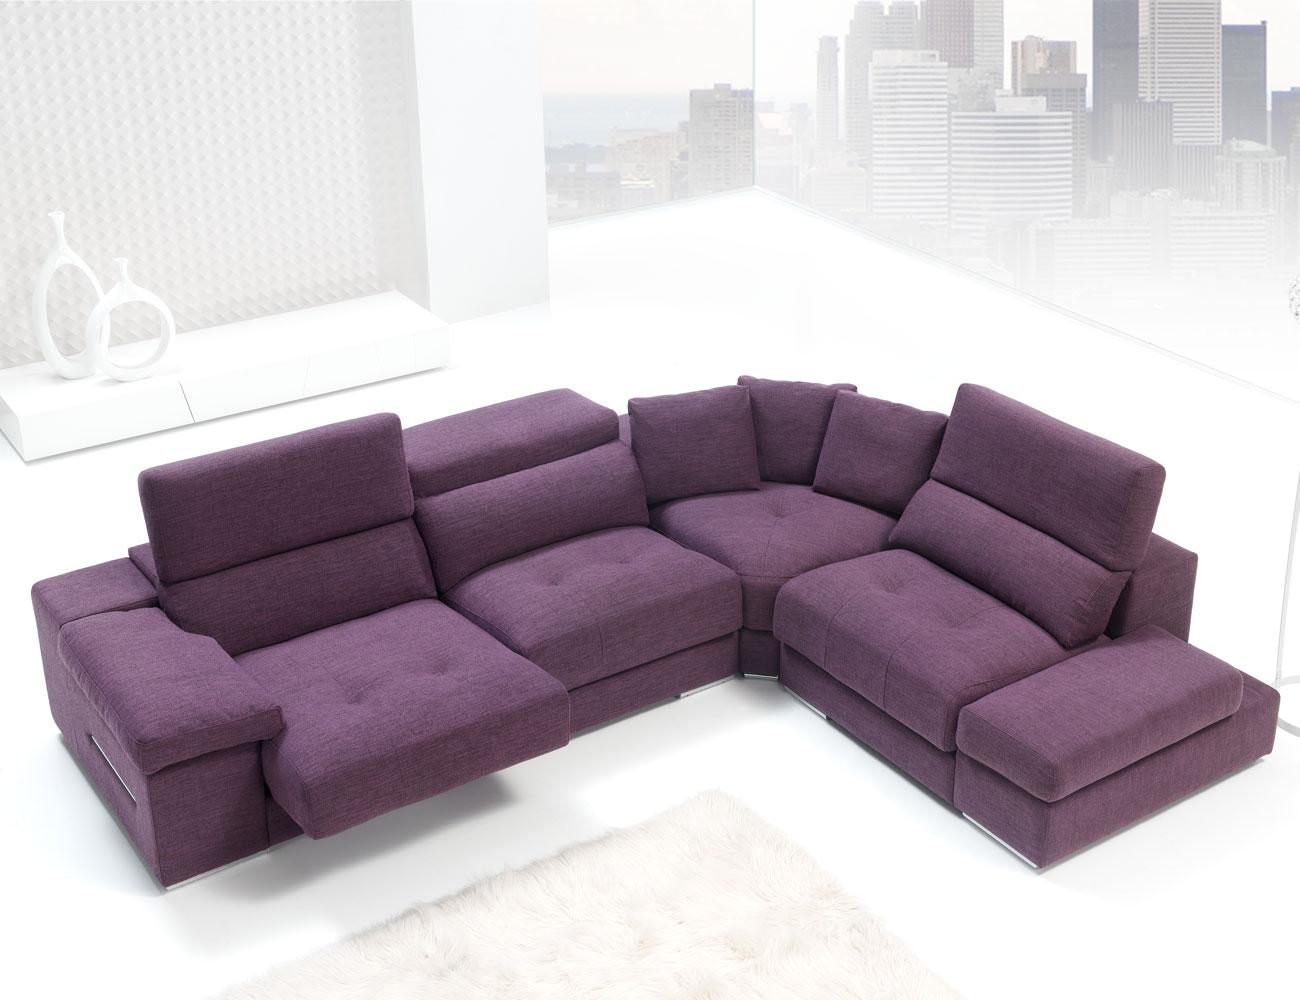 Sofa chaiselongue rincon con brazo mecanico tejido anti manchas 224